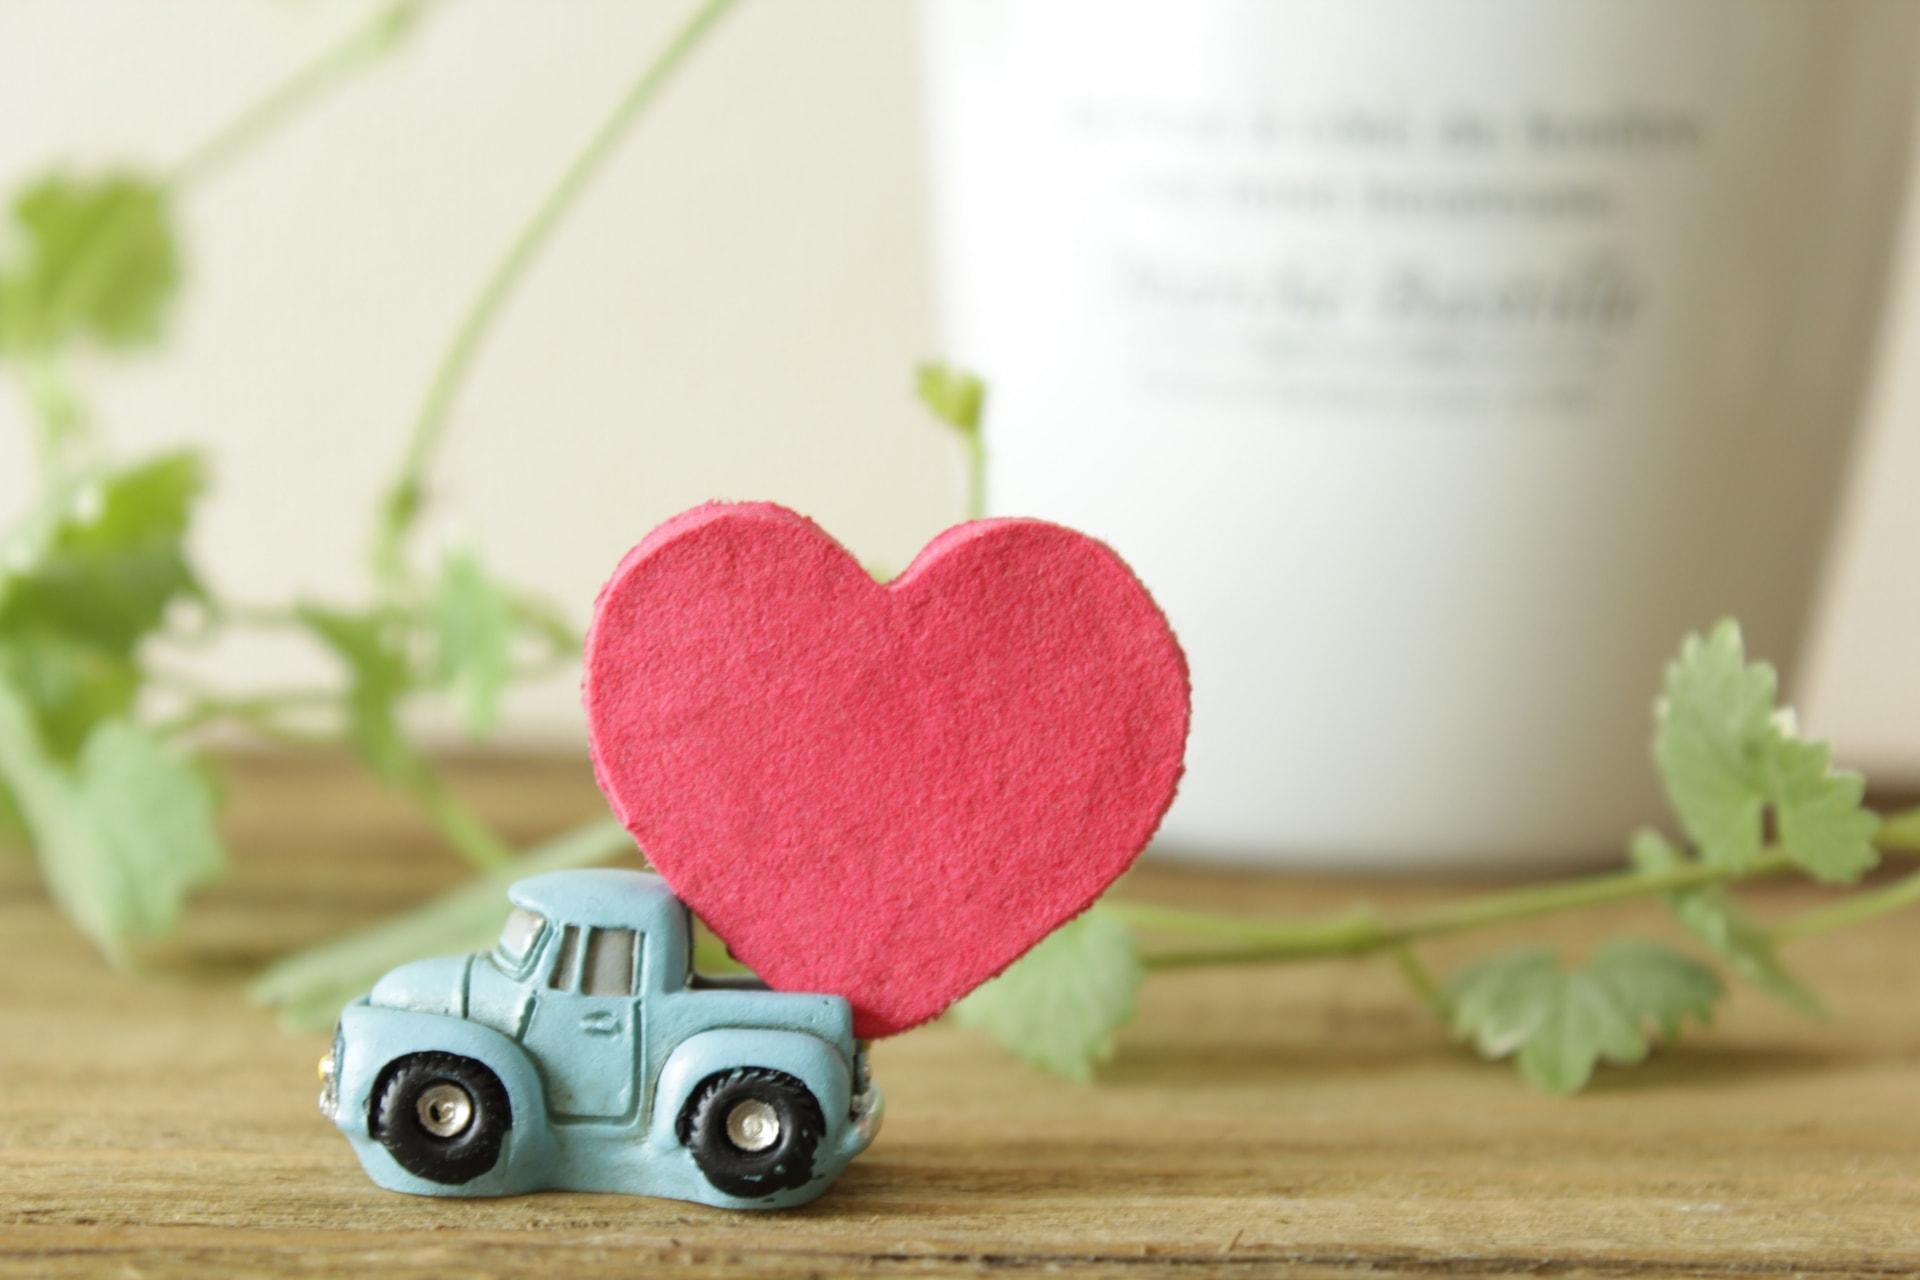 プレゼントのアートを運ぶ車のイメージ